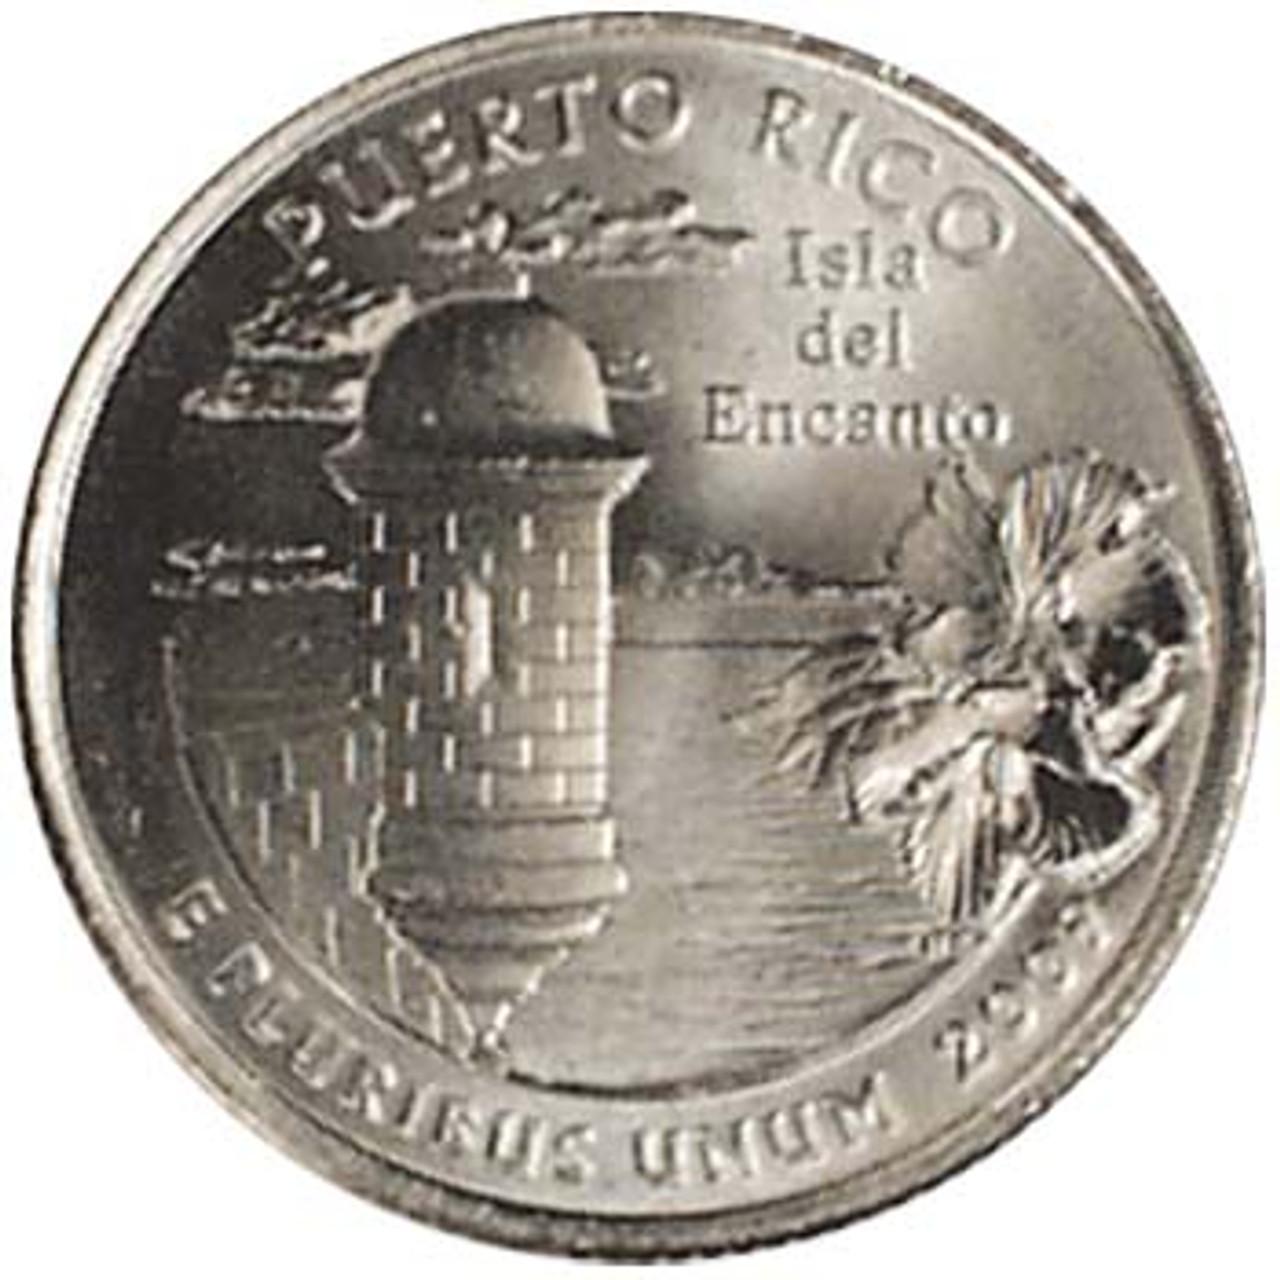 2009-P Puerto Rico Quarter Brilliant Uncirculated Image 1